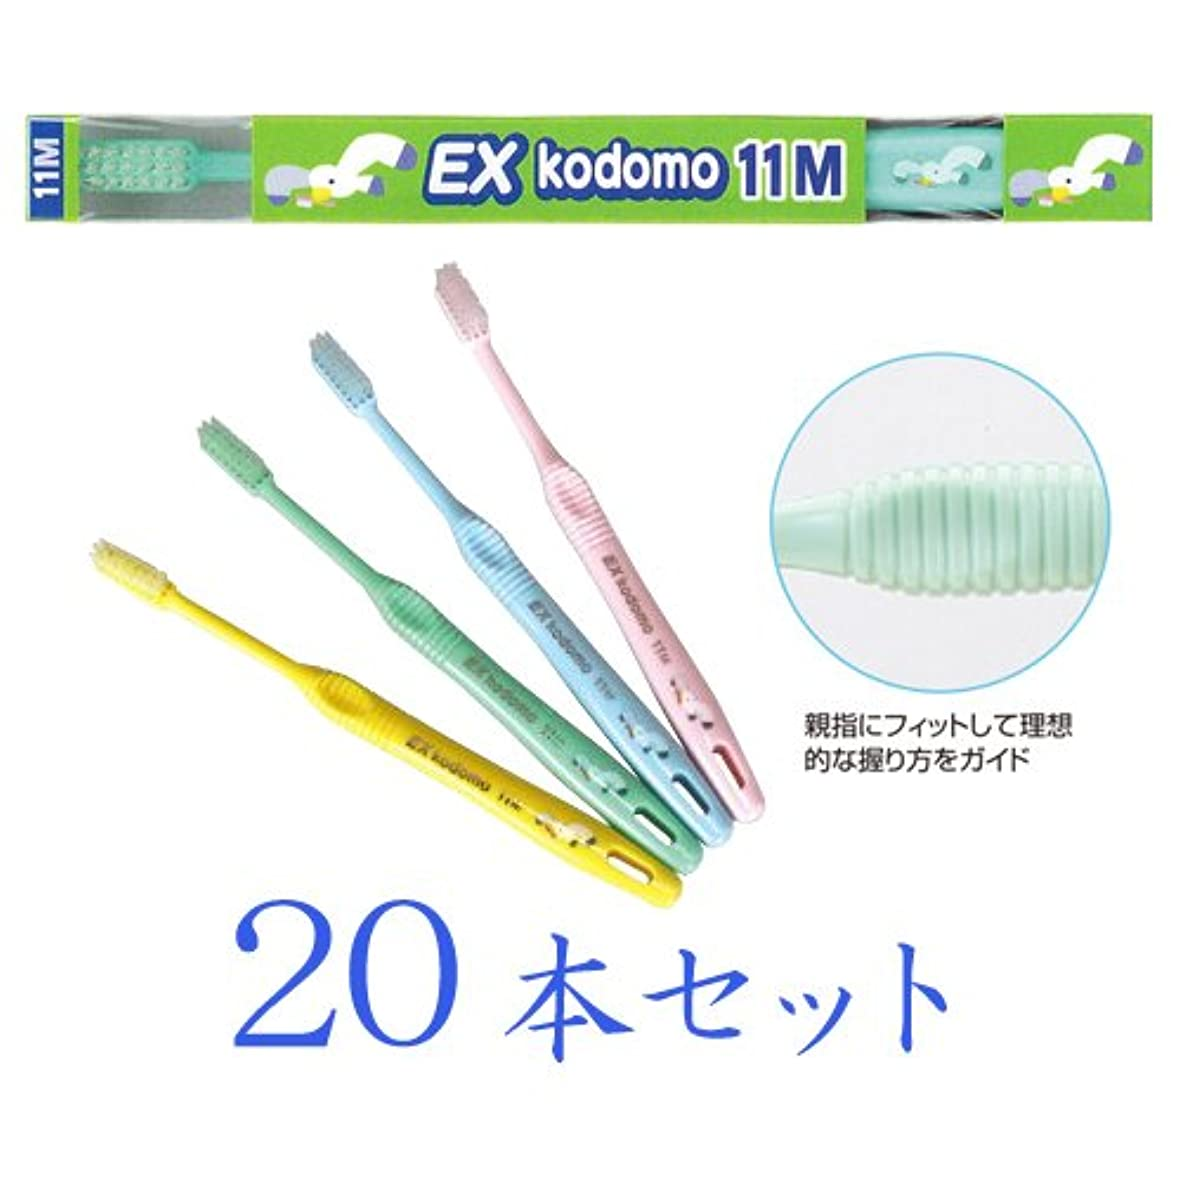 アクティビティ無意識マイナーライオン DENT.EX コドモ歯ブラシ 20本入 11M(混合歯列後期用?8~12歳)(カモメ)